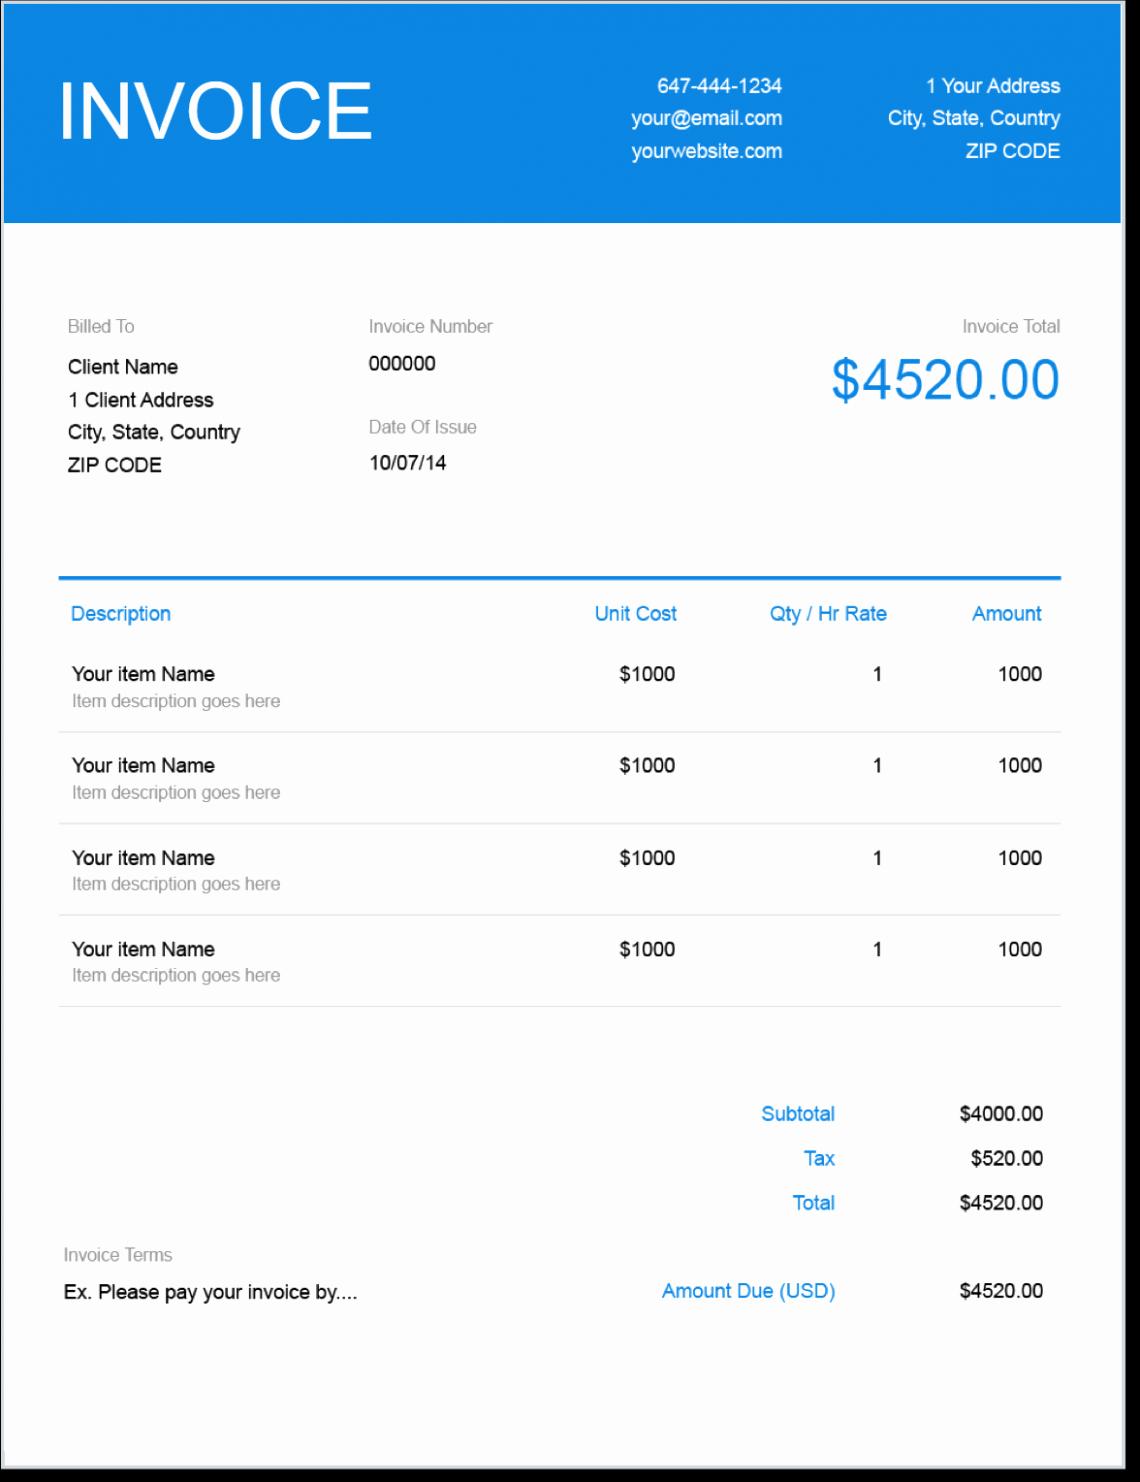 Quickbooks Invoice Template Excel Unique How to Export Invoice Template From Quickbooks to Excel